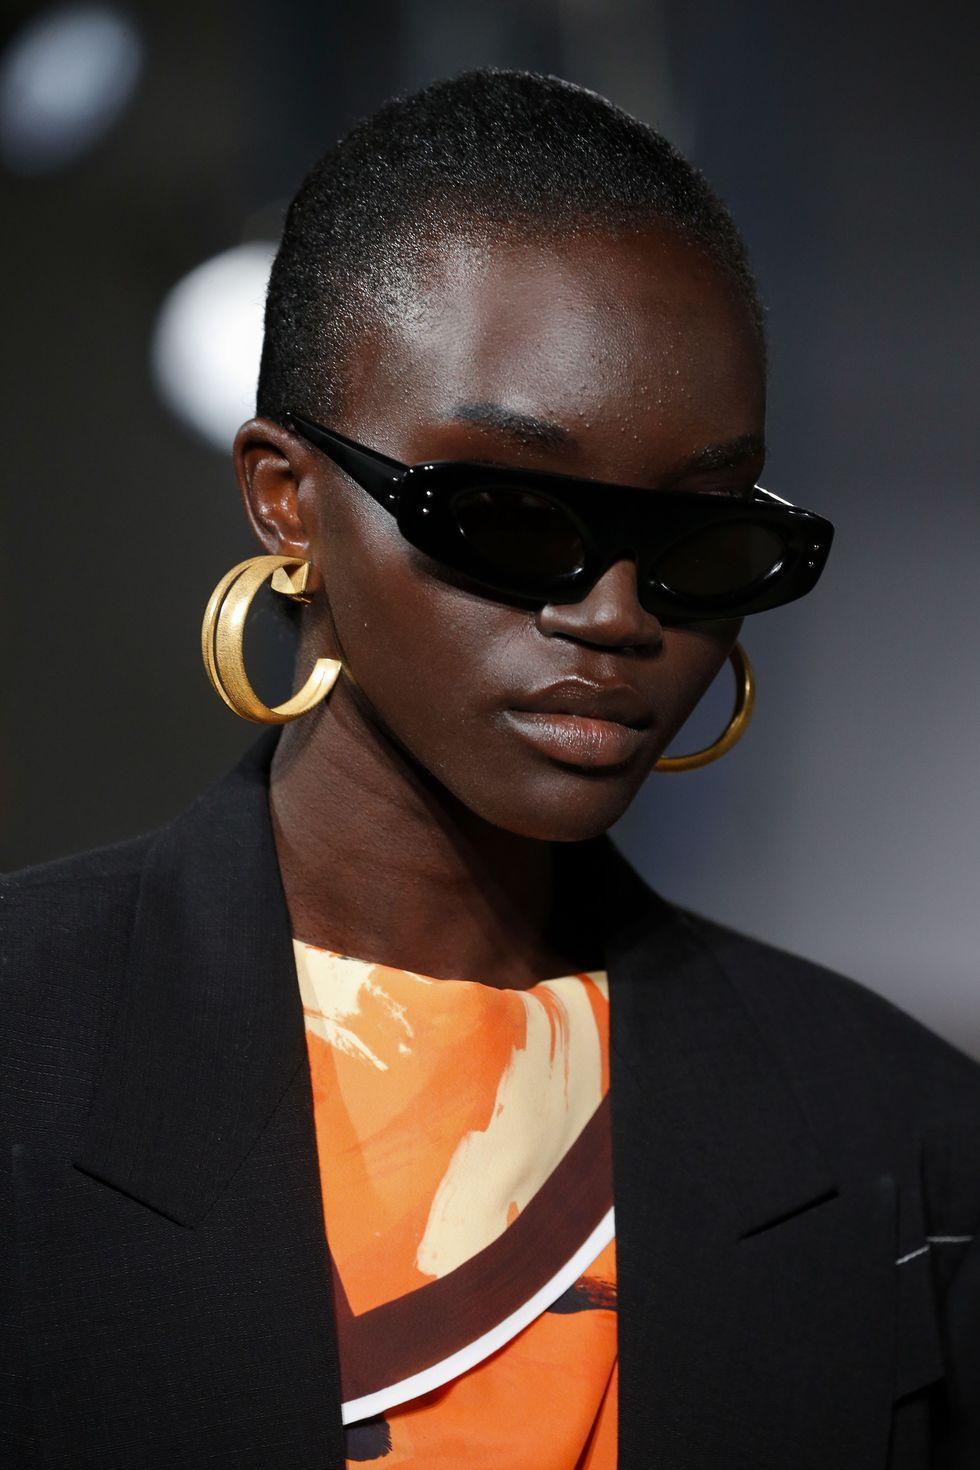 Γυναικεία γυαλιά ηλίου ορθογώνια καλοκαίρι 2020